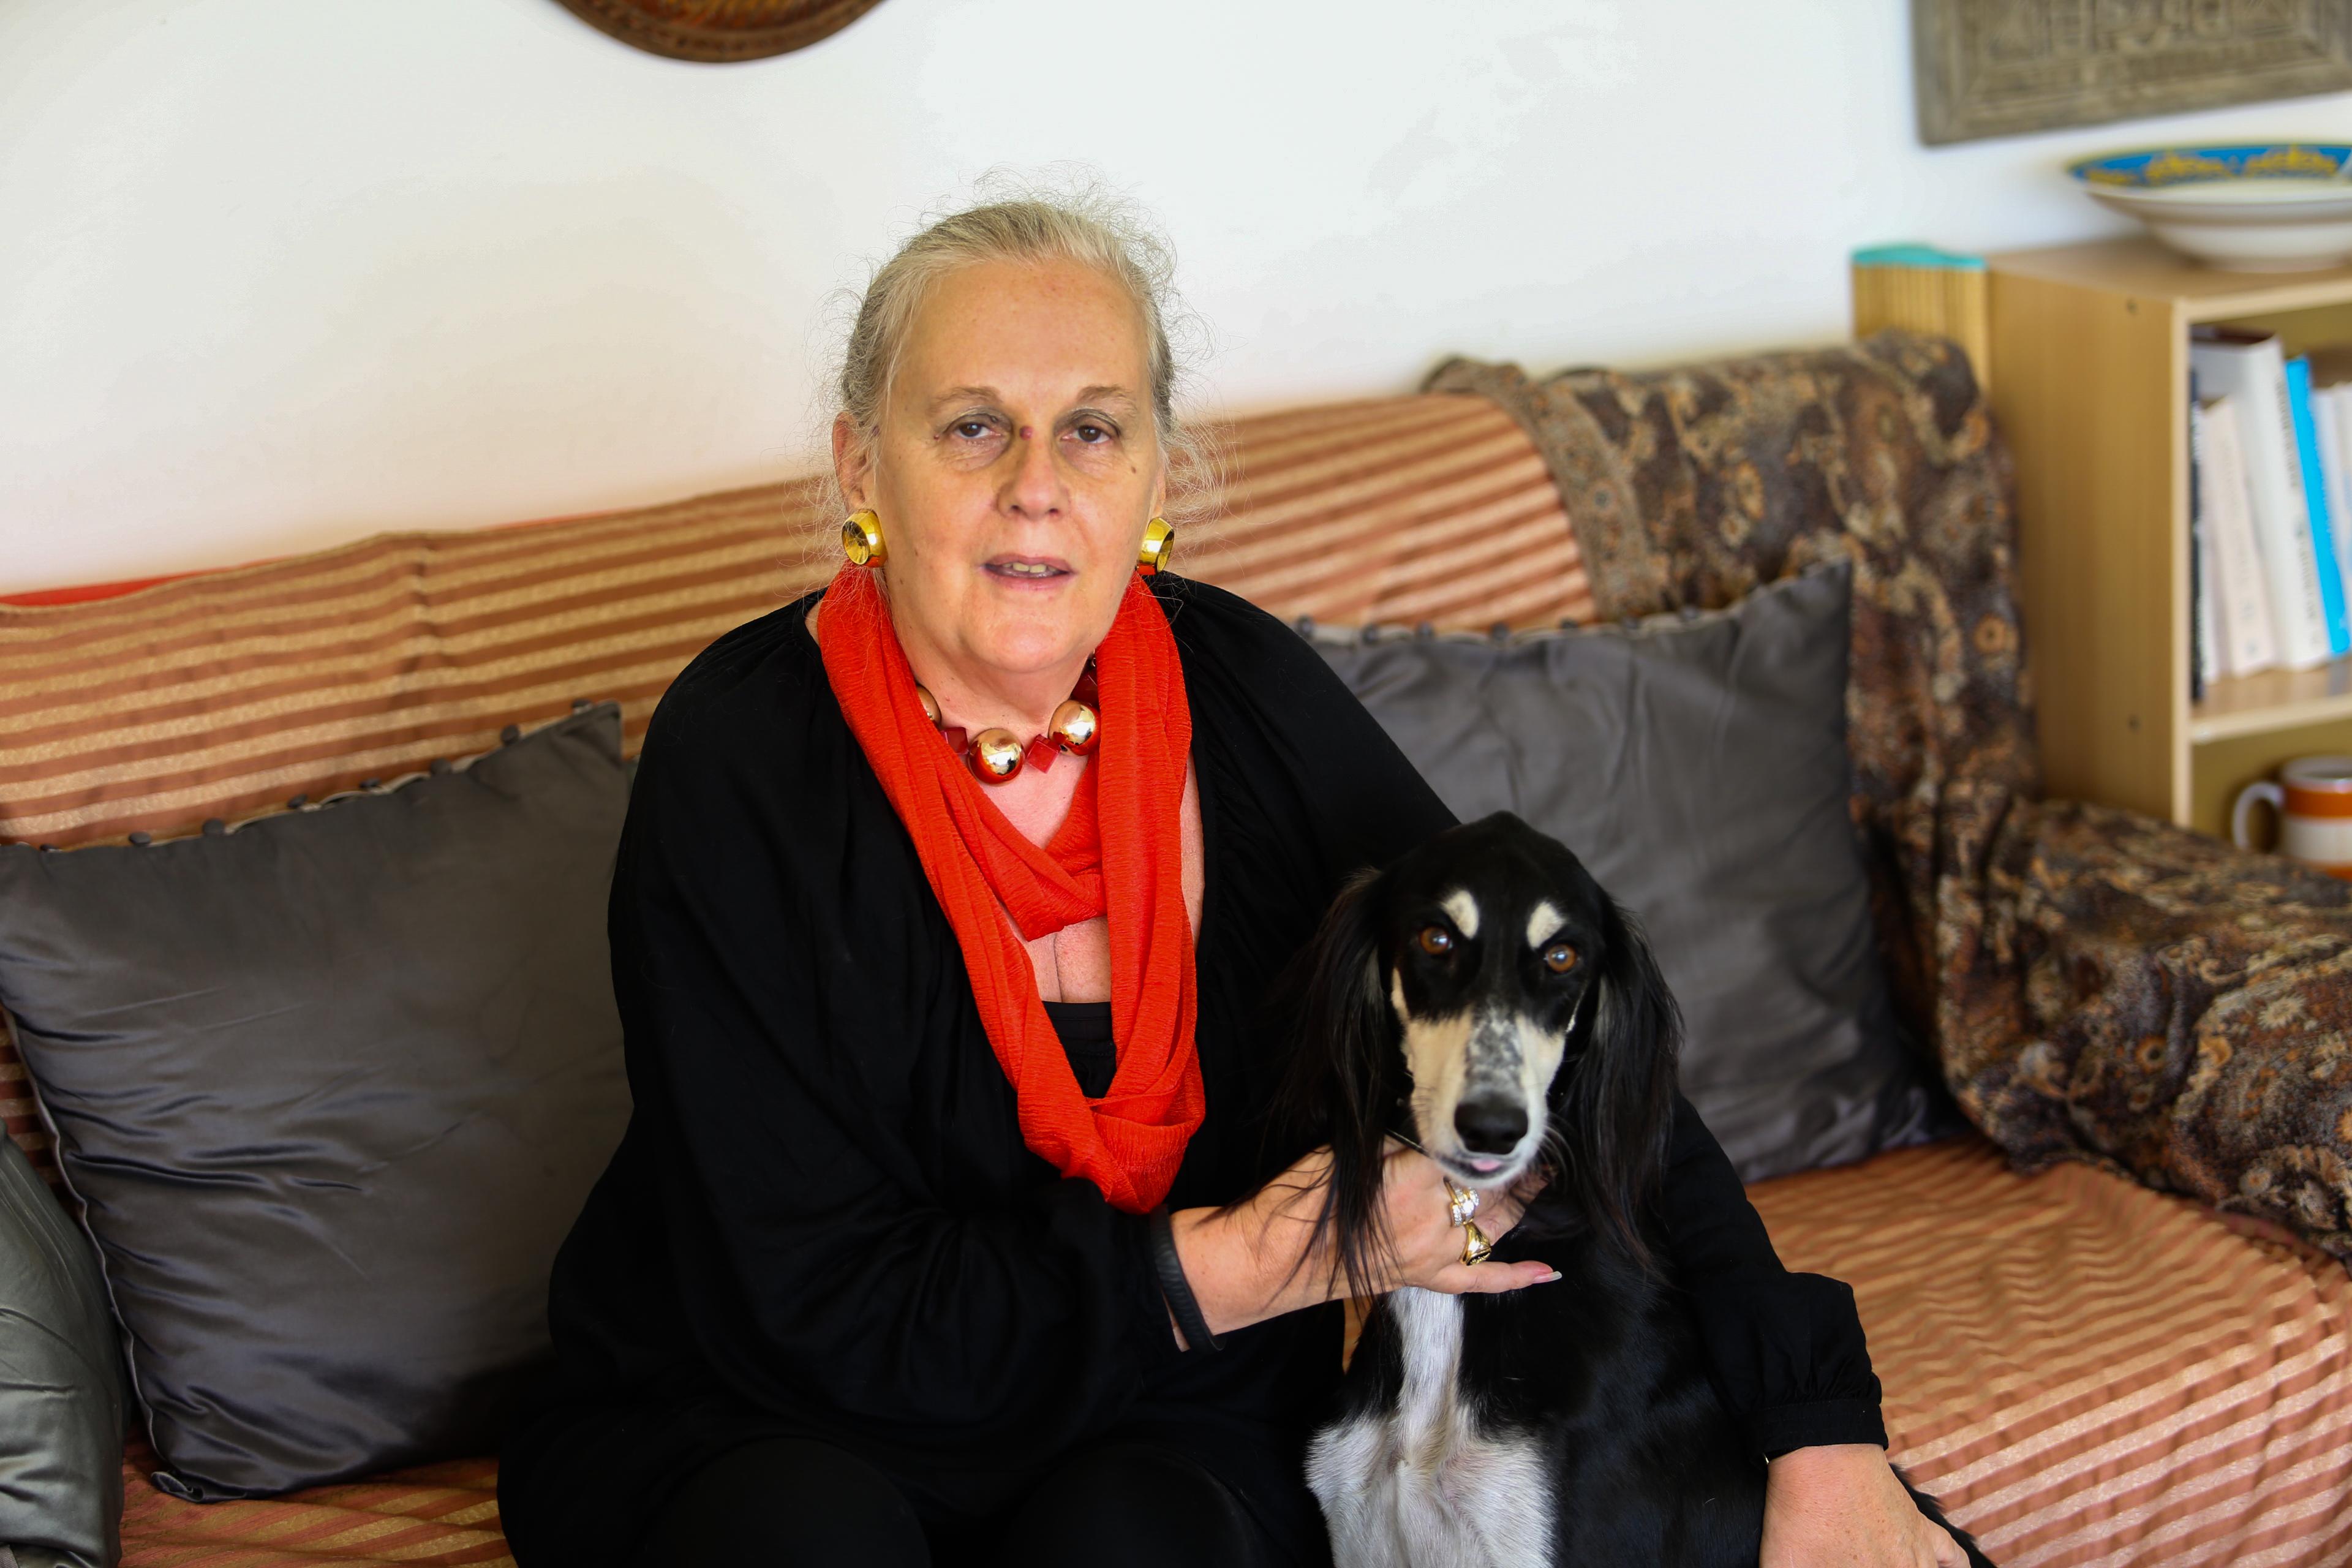 OBE awardee pledges to improve palliative care in Oman